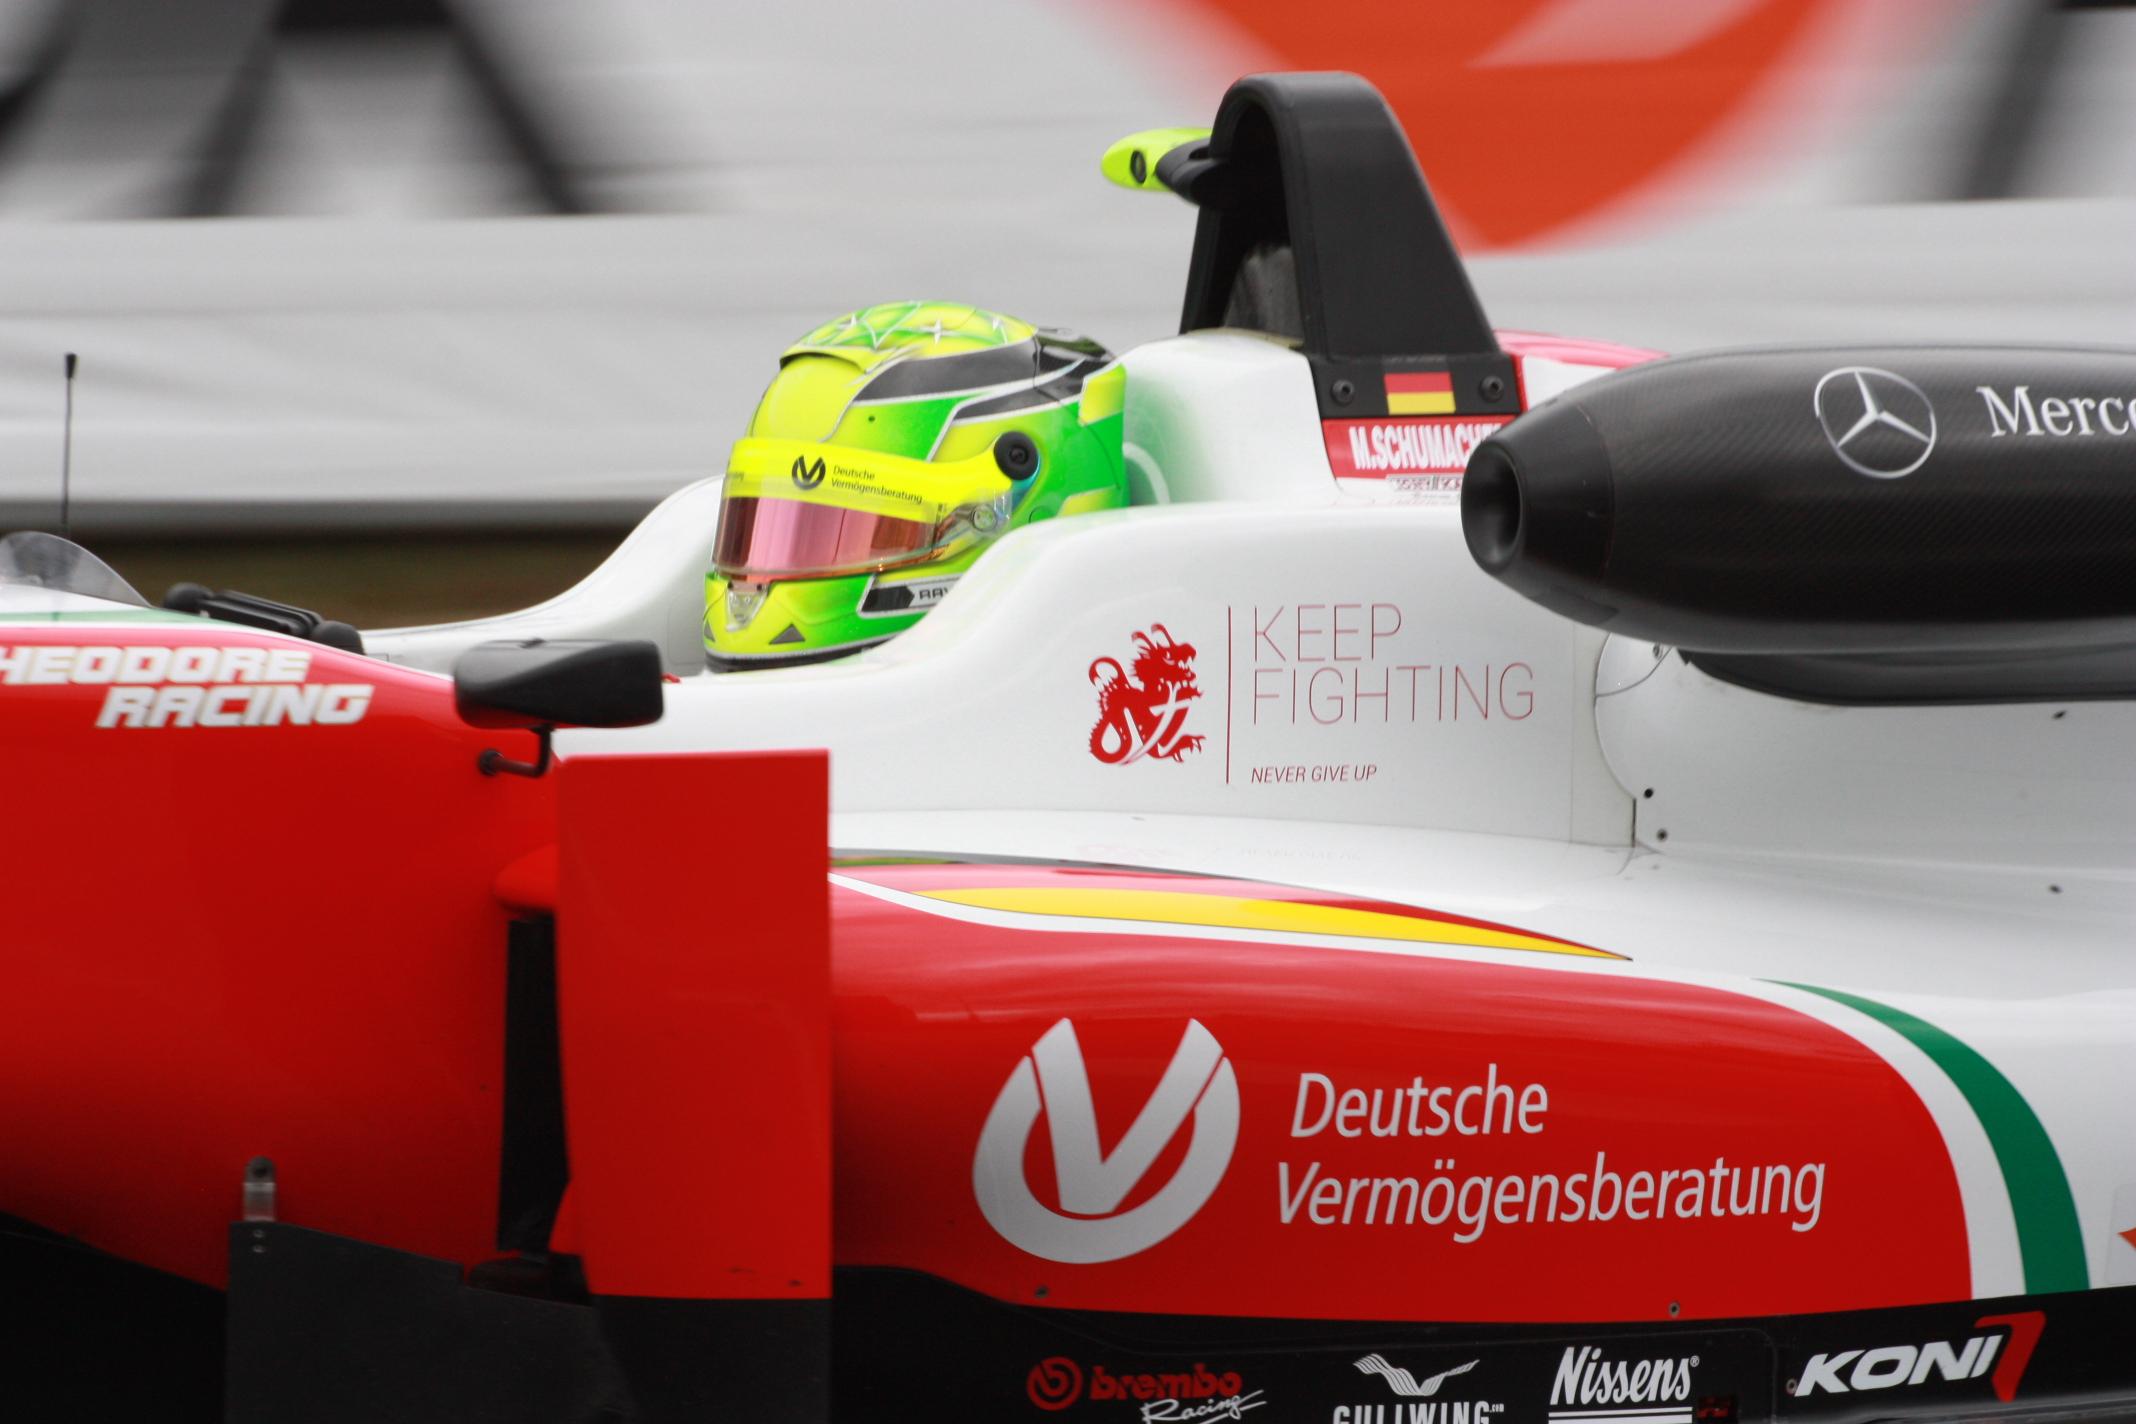 Problémy s kariérou: Mike Schumacher je možná sympatický a rychlý mladý muž, co do výsledků ale letos zatím zůstal vše dlužen a Norisring nebyl výjimkou. Ve Formuli 3 jezdí hned několik chlapců s větším talentem – dál mu pomůže jen jeho jméno...